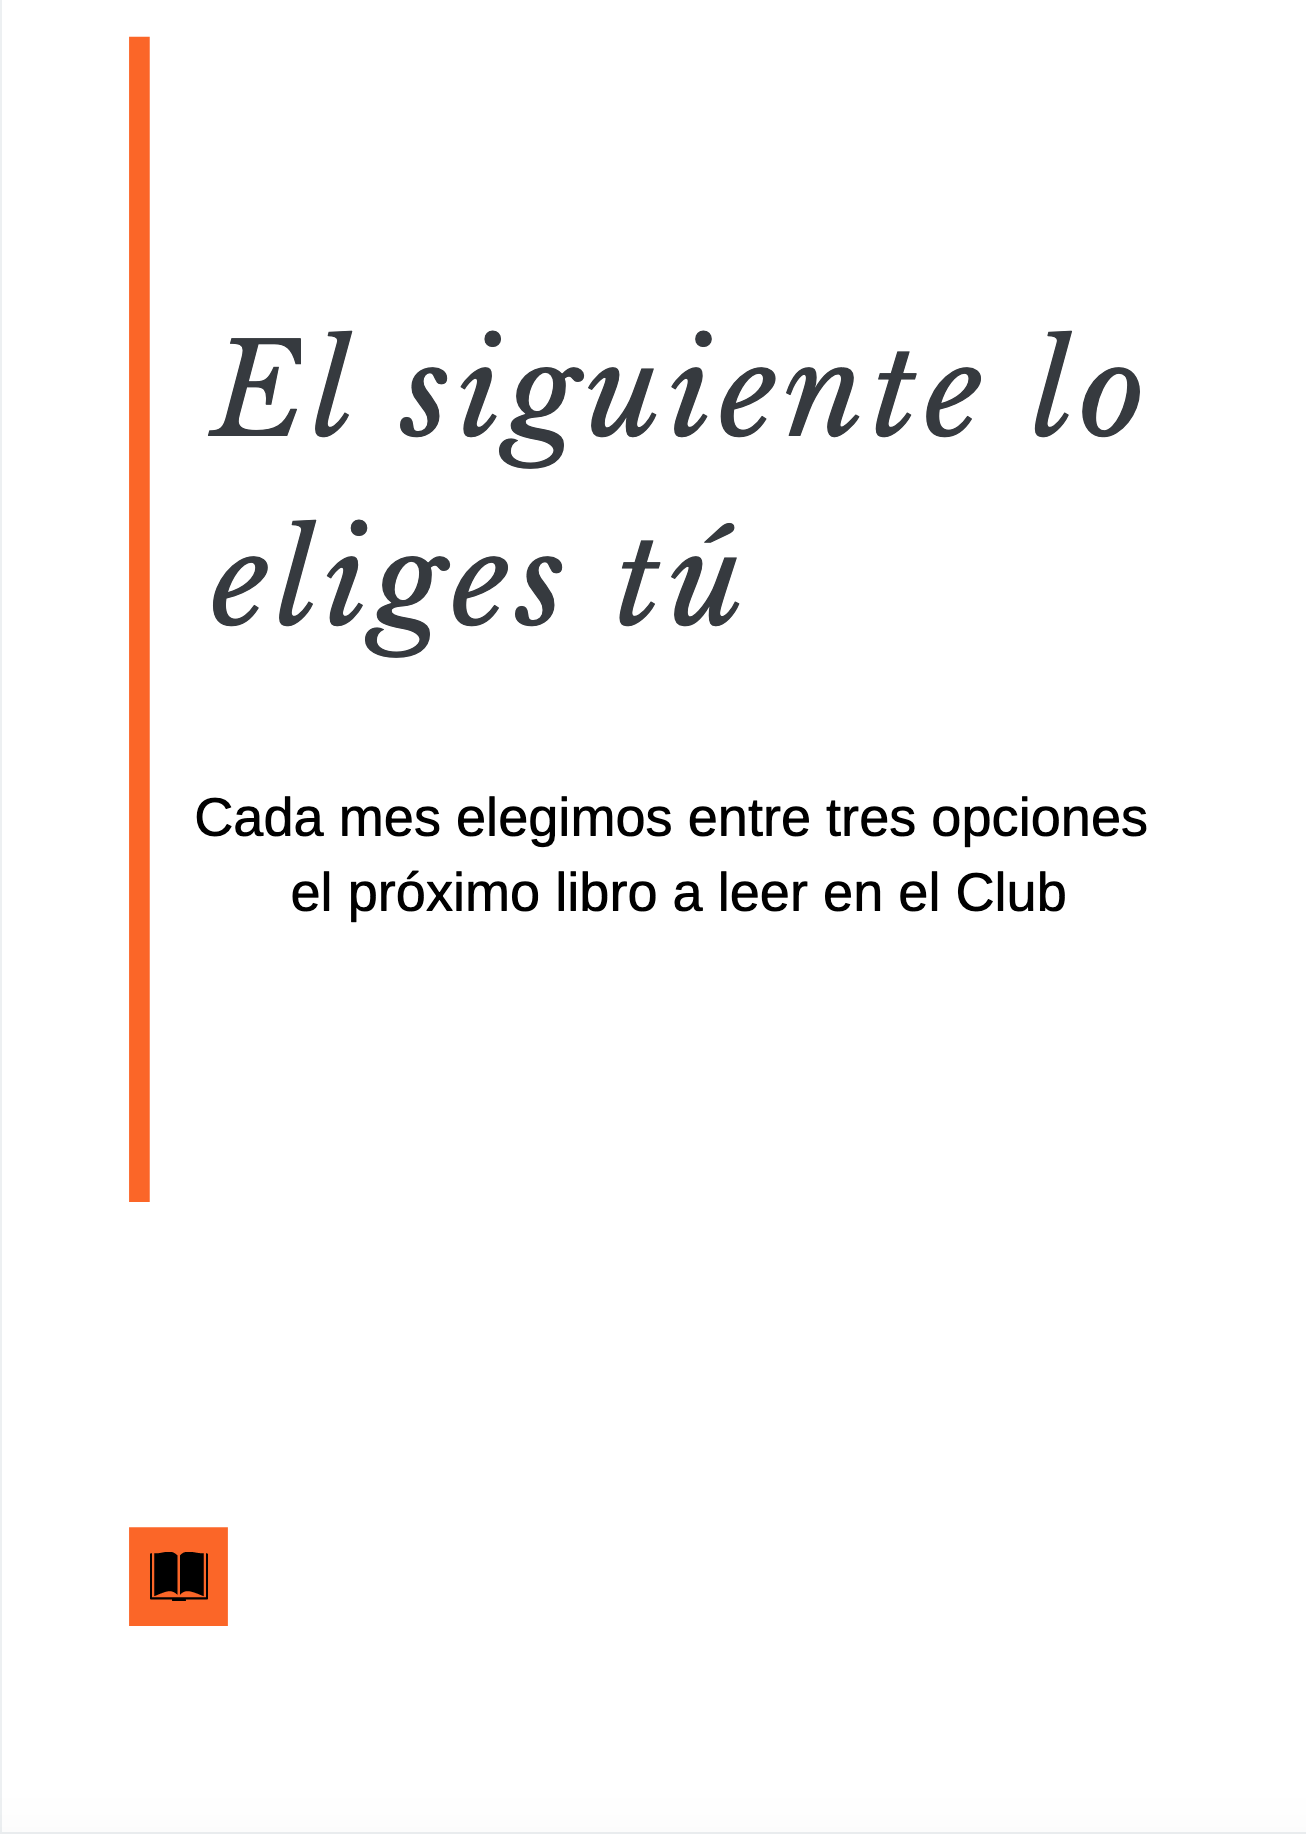 Club de lectura para inconformistas